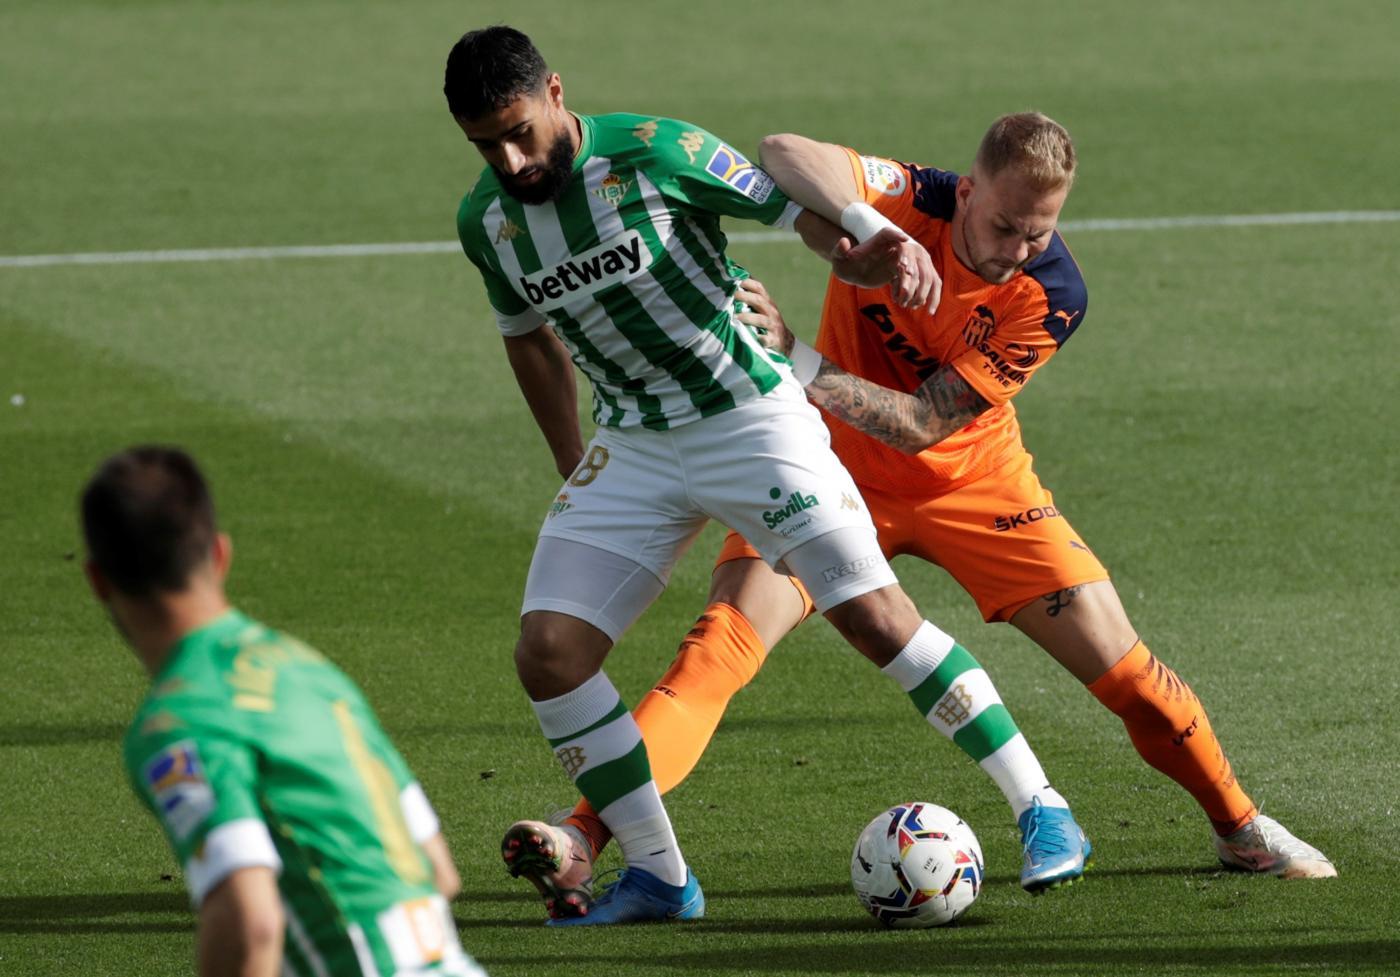 El Real Betis intentará prolongar la buena racha ante el Valencia